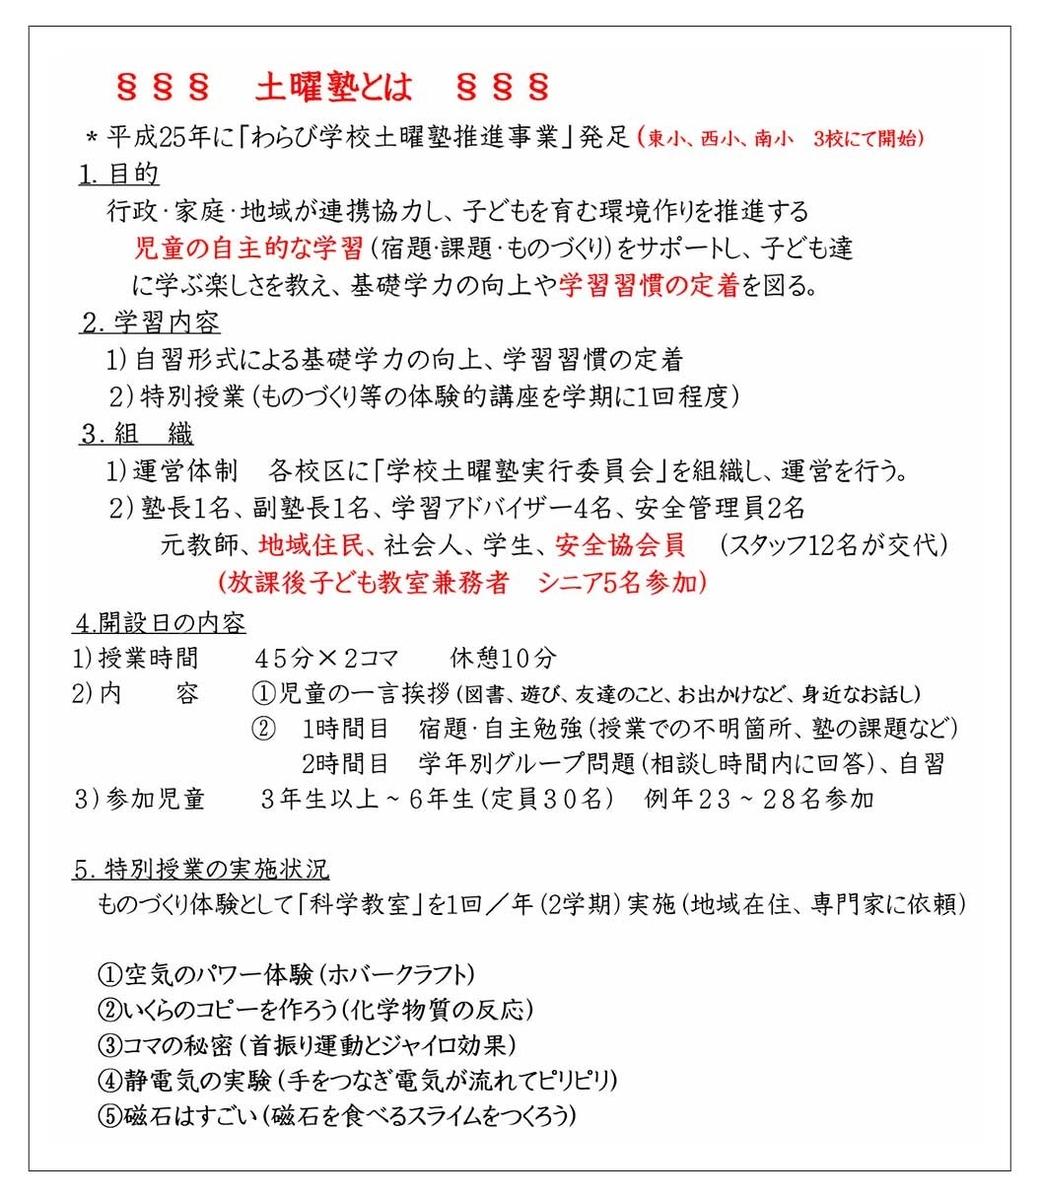 f:id:jiajiawarabi:20210911182216j:plain